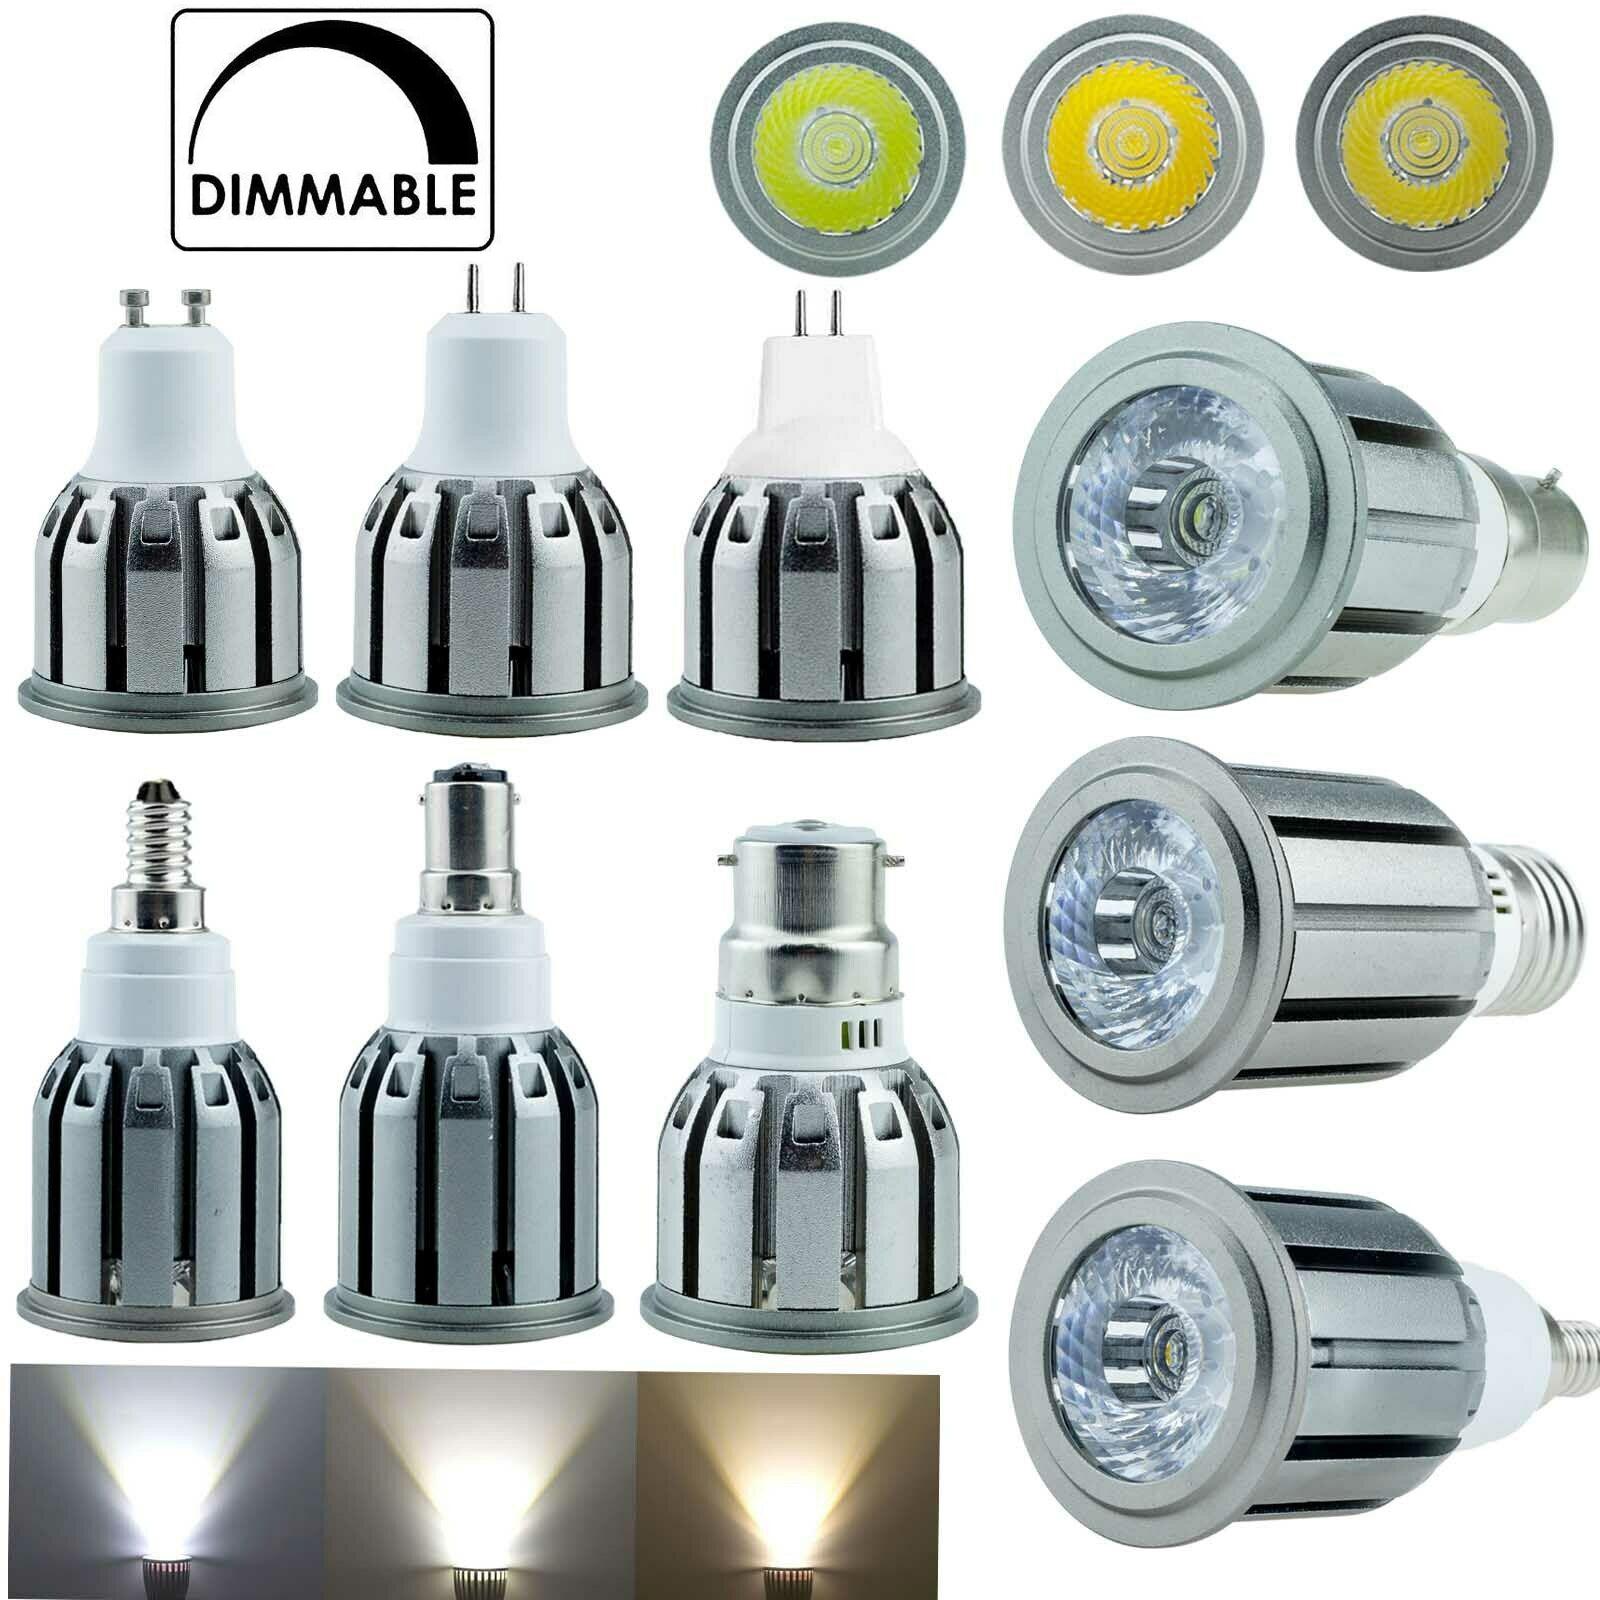 E27 E12 E14 B22 B15 GU10 GU5.3 Диммируемый Светодиодный точечный светильник s COB точесветильник светильники яркие домашние лампы 110 В 220 В C36 Алюминий 5 Вт 7...